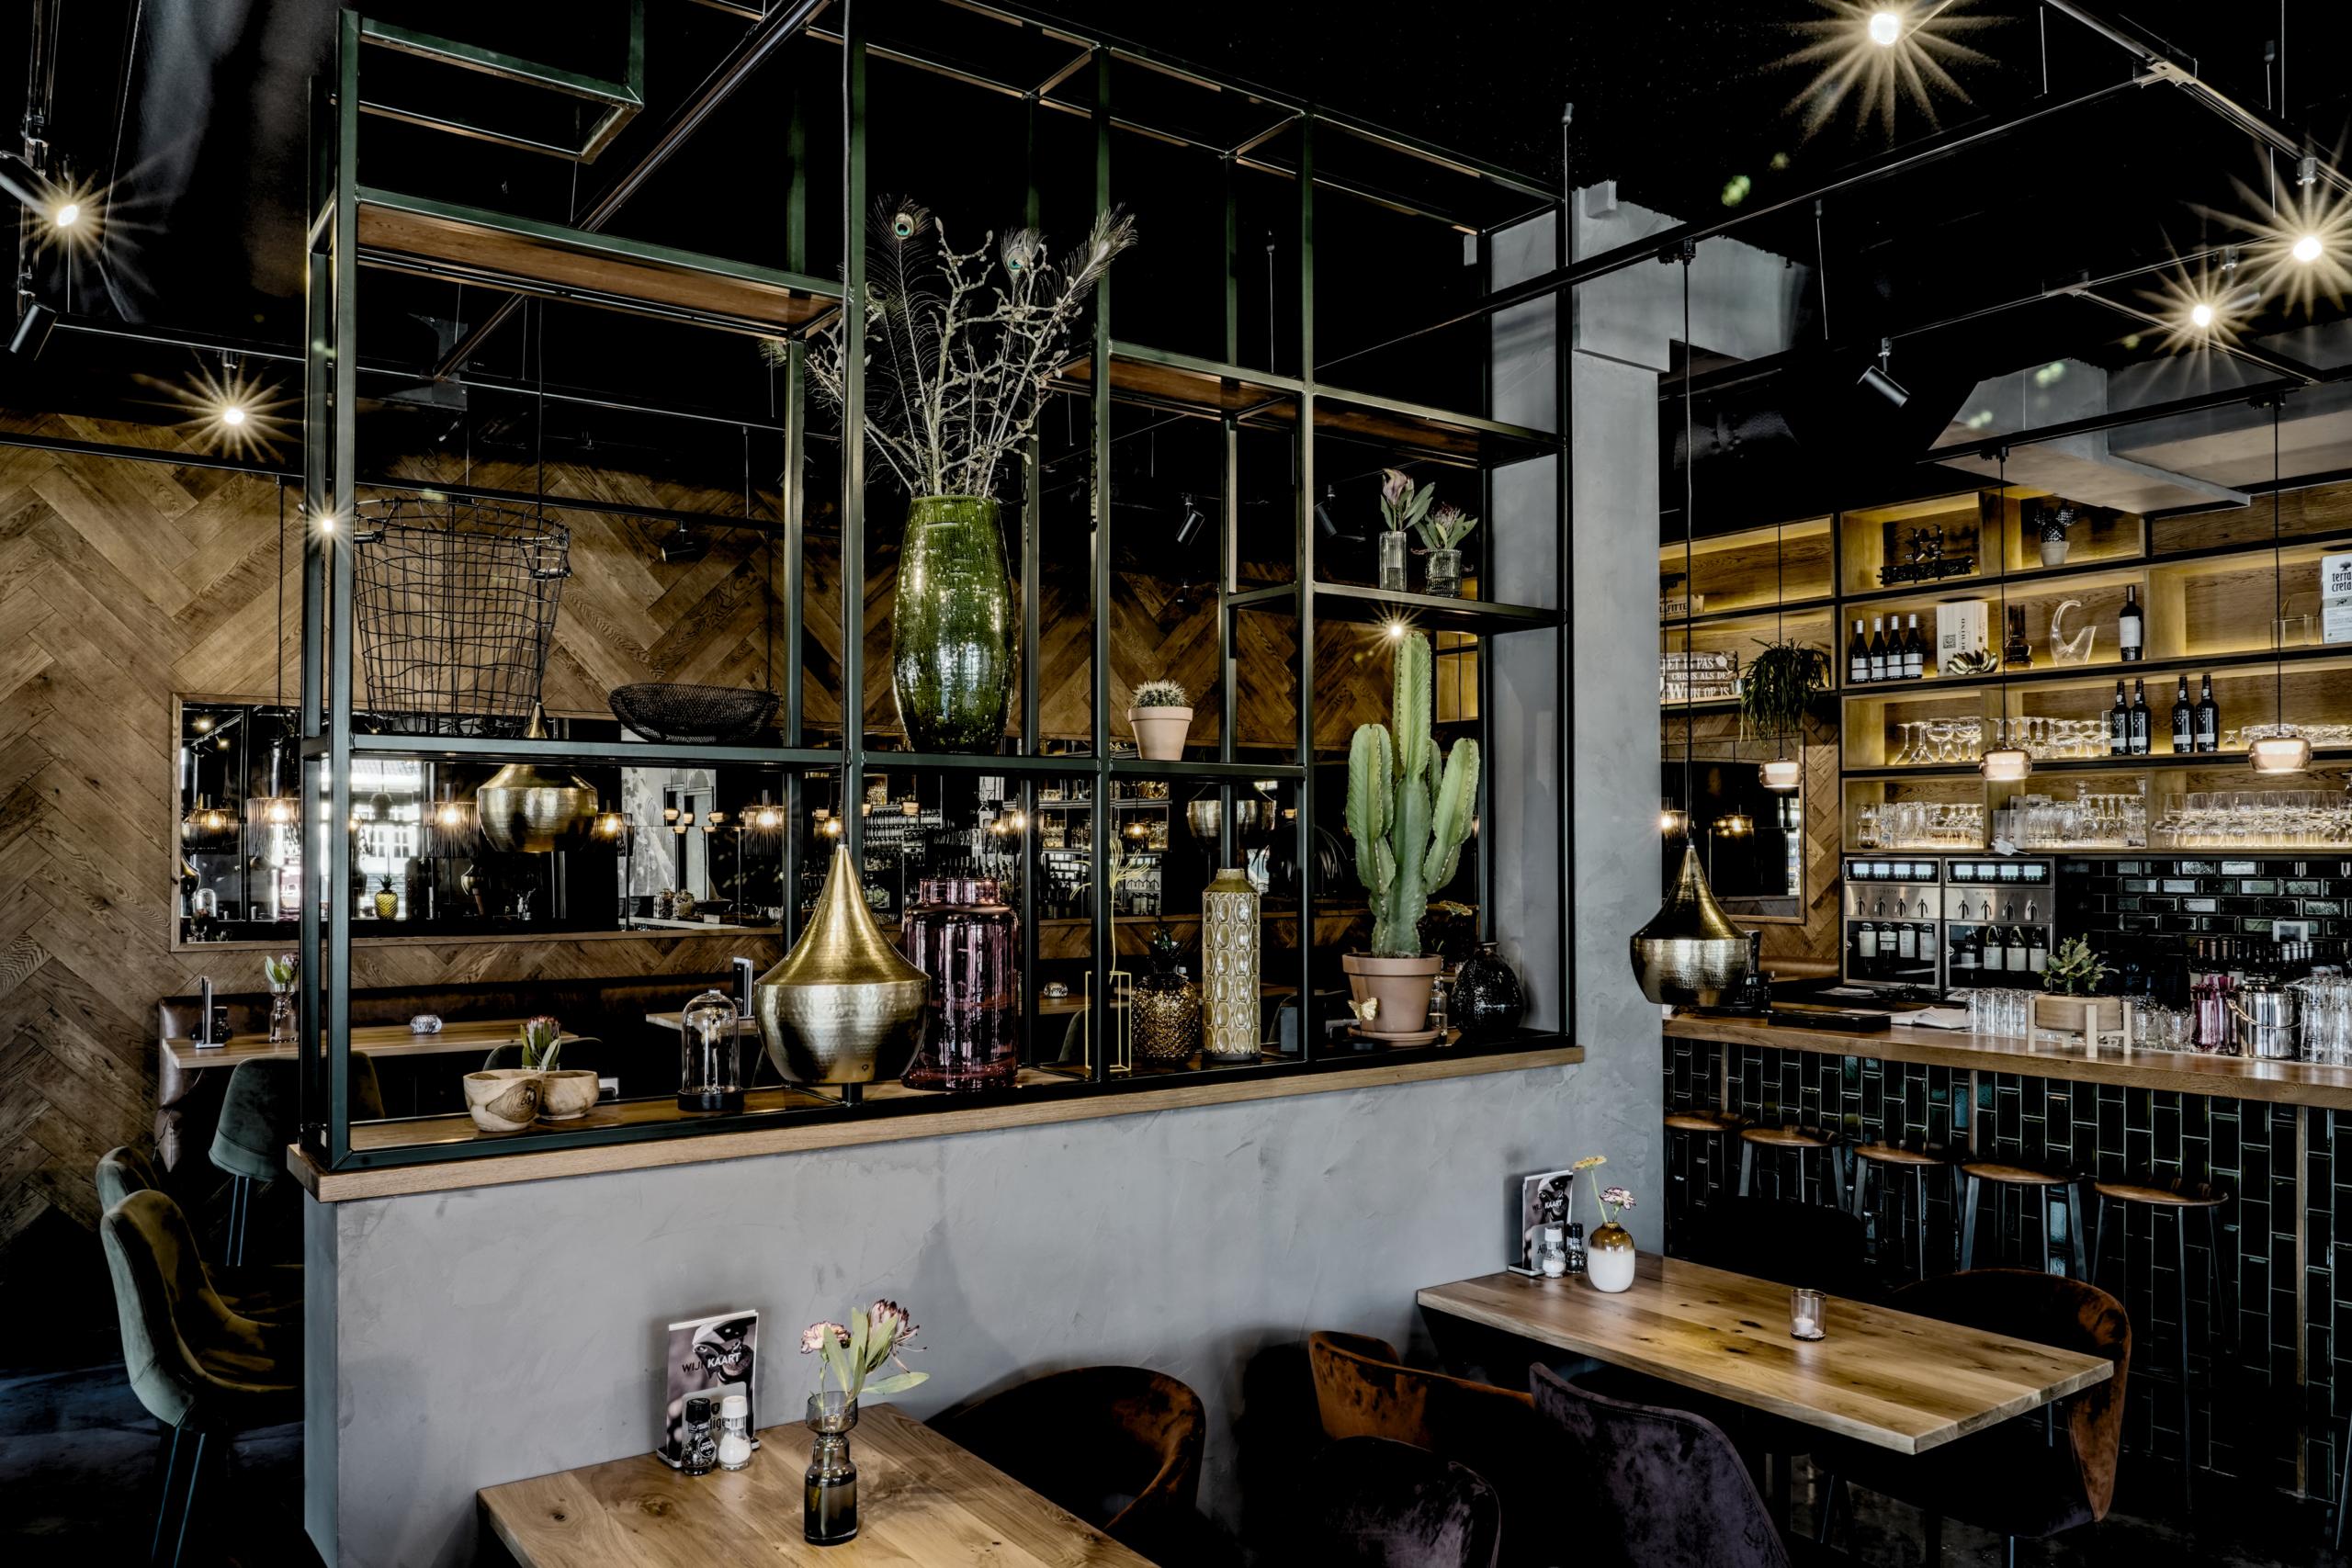 Van de Beerecamp Elektrotechniek - Project Grand Cafe Wijntje